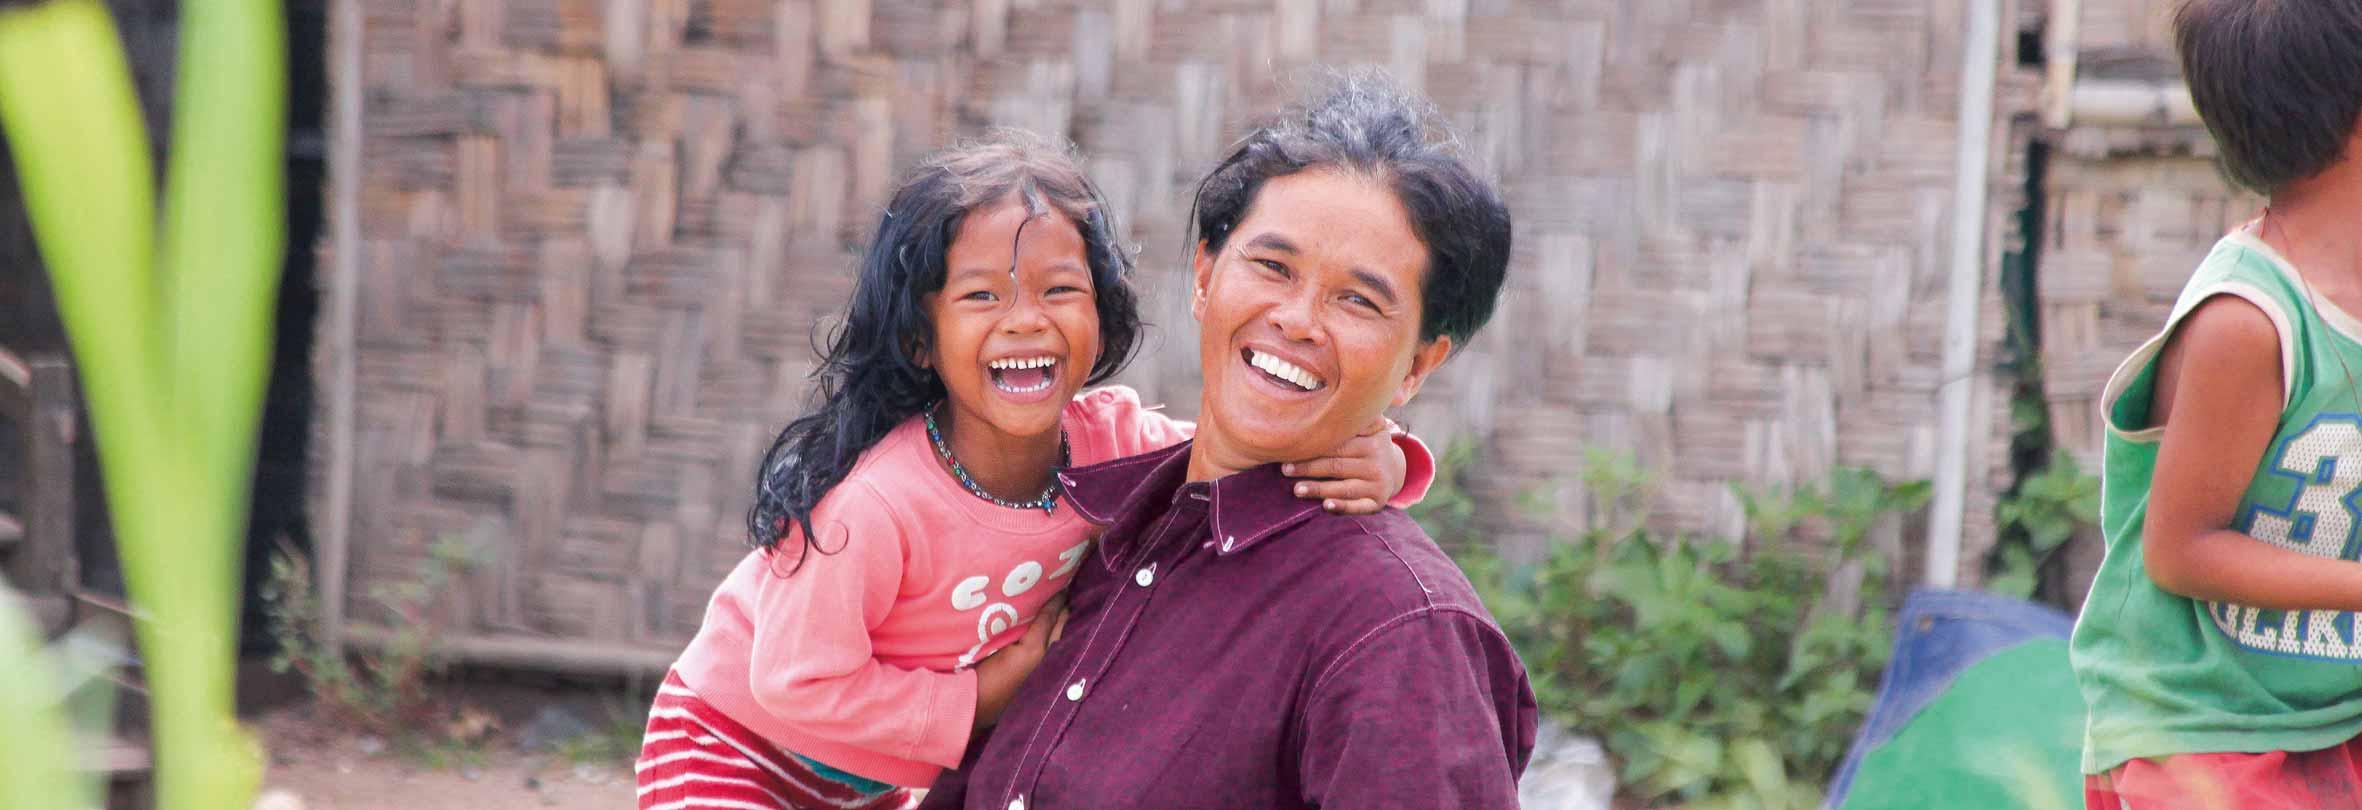 Einheimische am Tonle Sap-See, Kambodscha